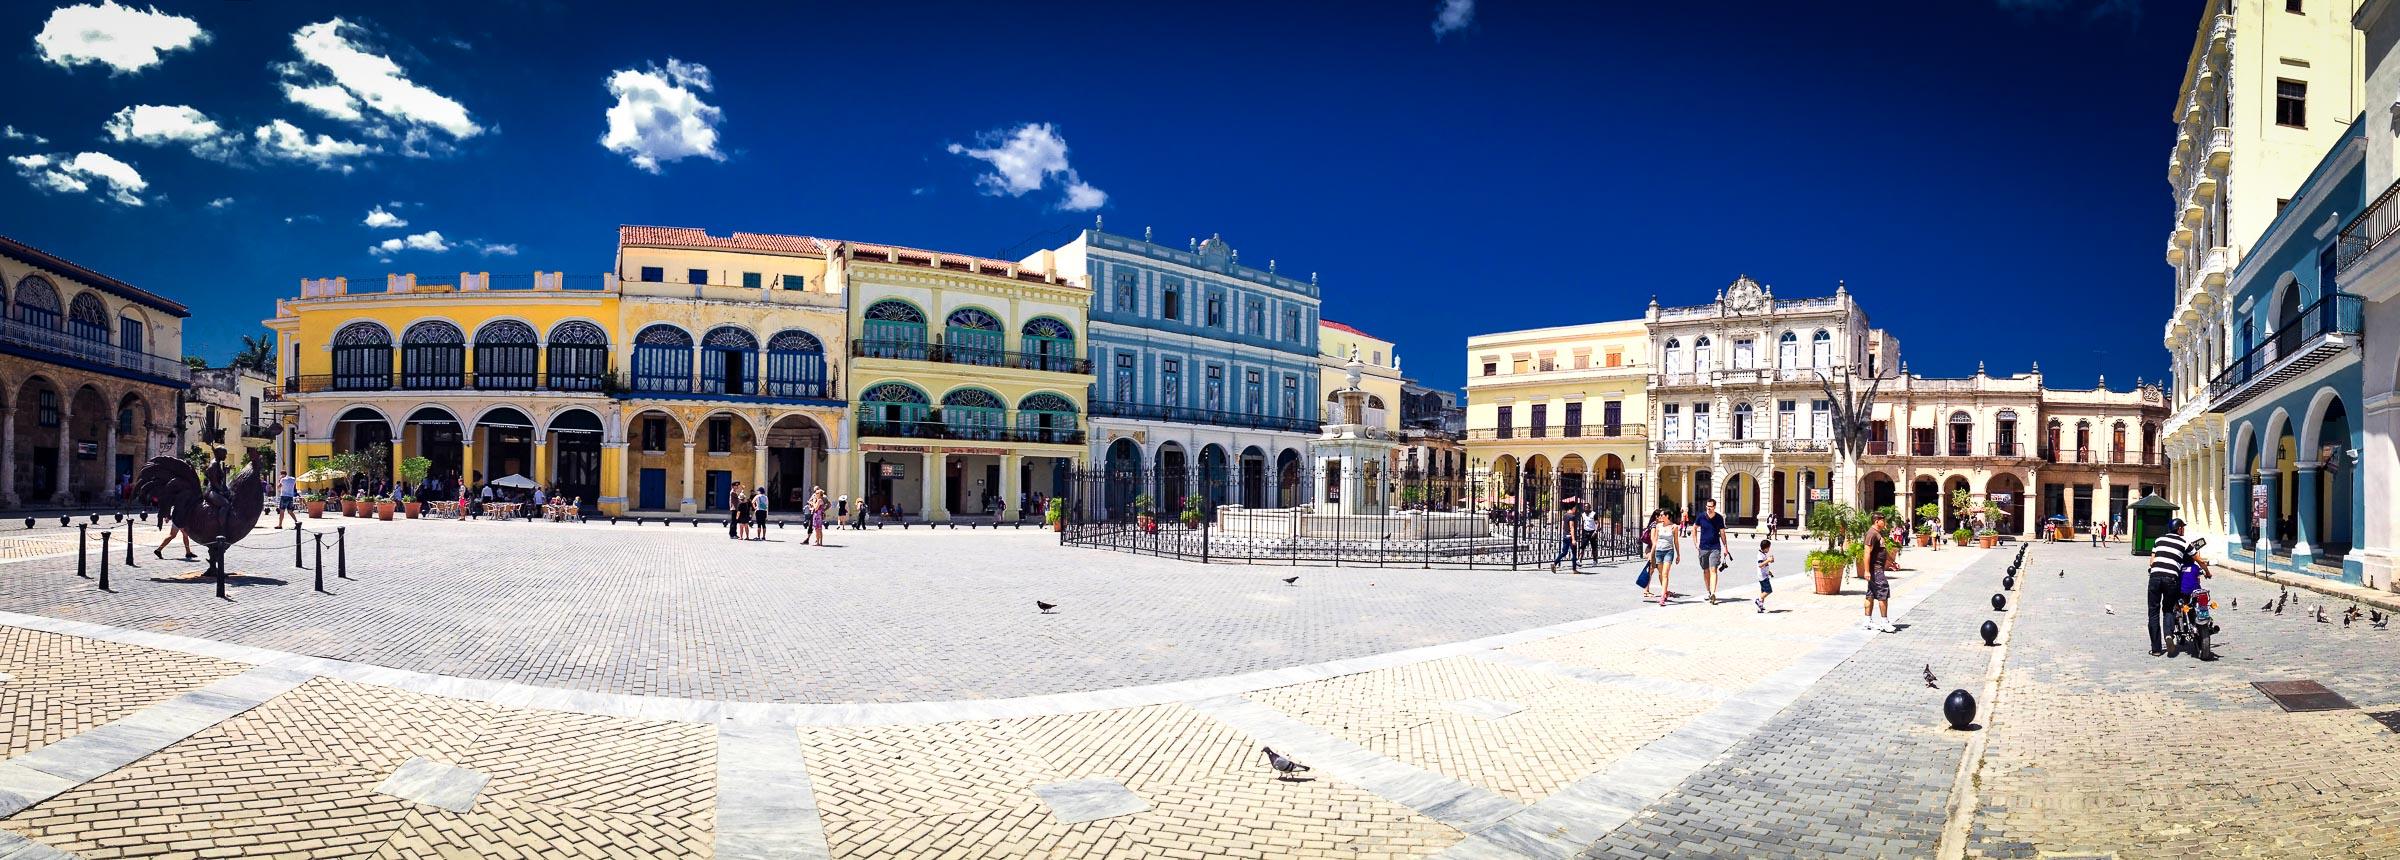 Plaza in Havana